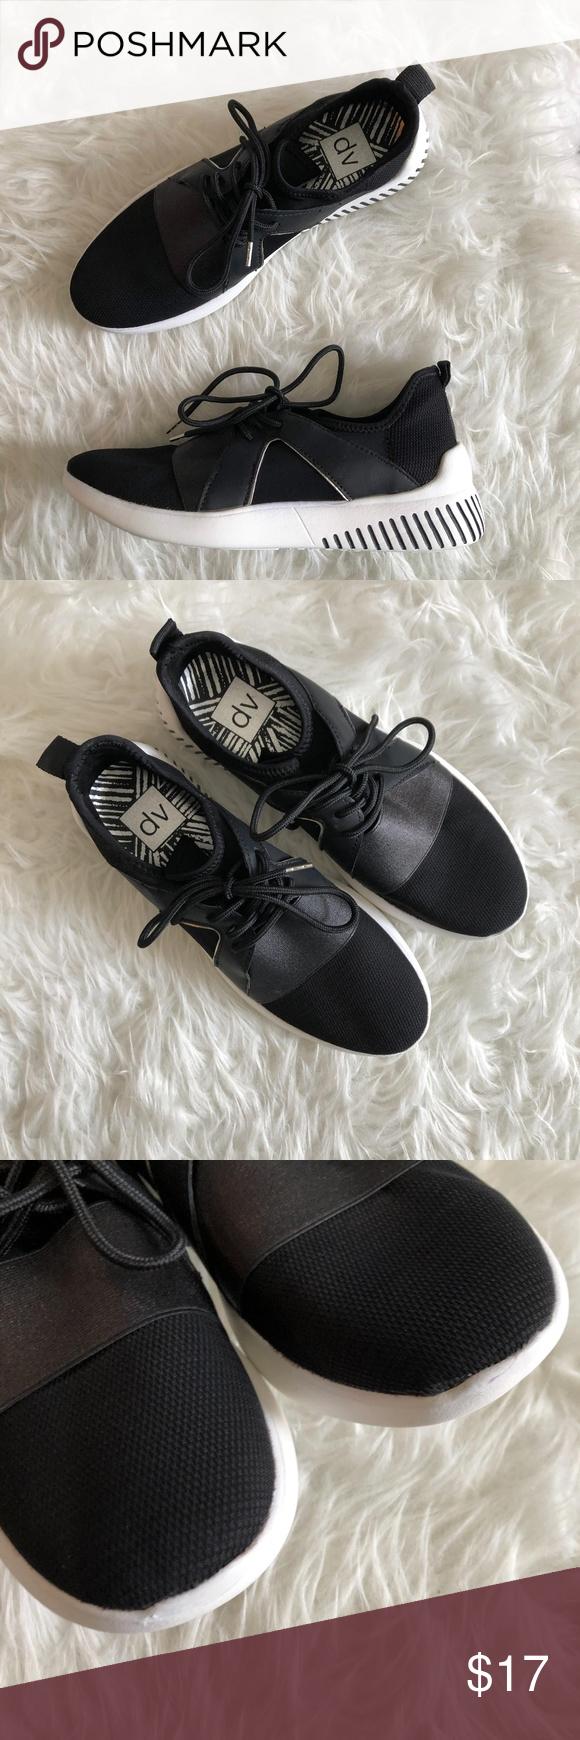 Target DV Sz 9 Black White Tennis Shoes